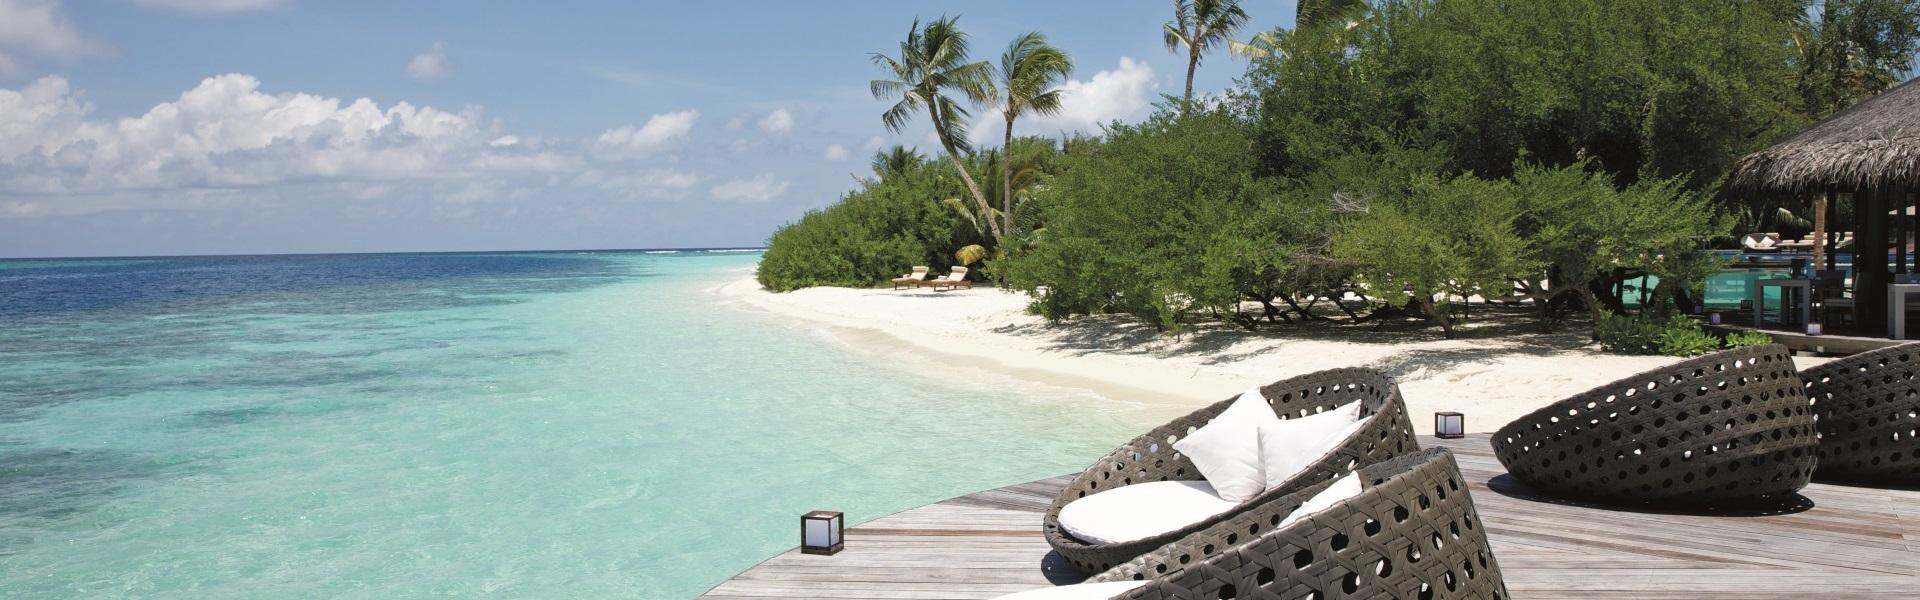 Hideaway Beach Malediven